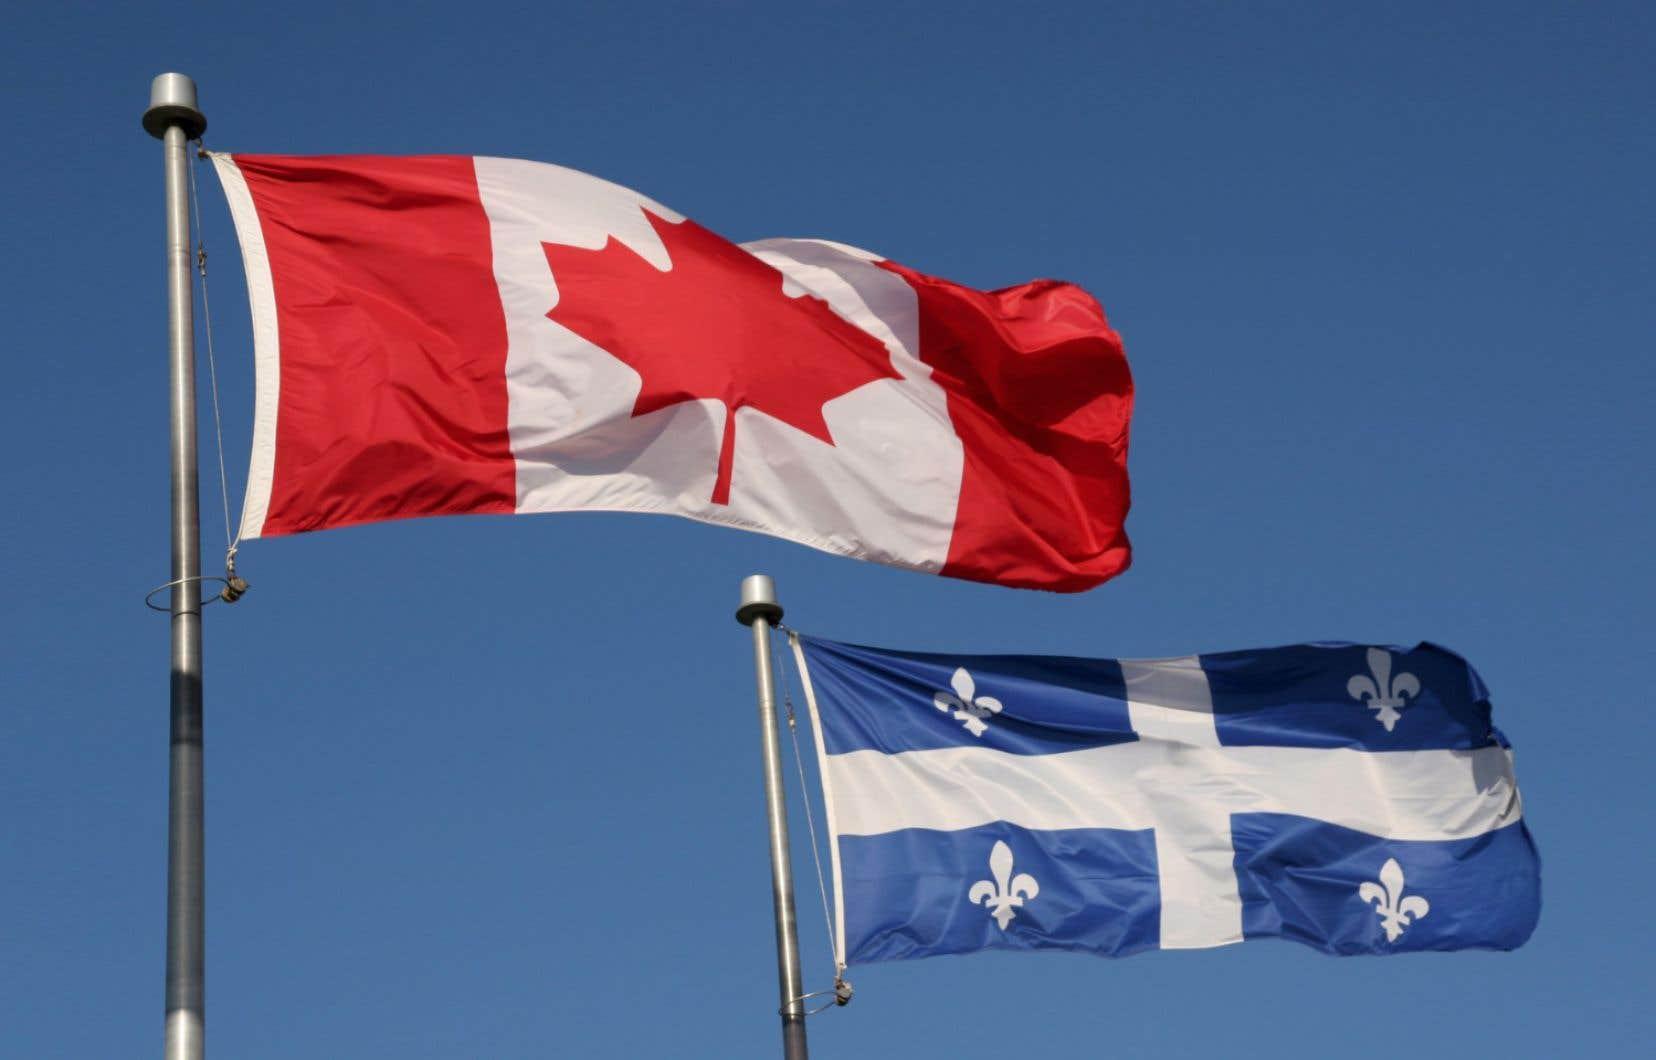 Le poids de la fiscalité n'a cessé d'augmenter au Québec, pour représenter 38,6% du PIB en 2018, selon la plus récente édition du «Bilan de la fiscalité au Québec».